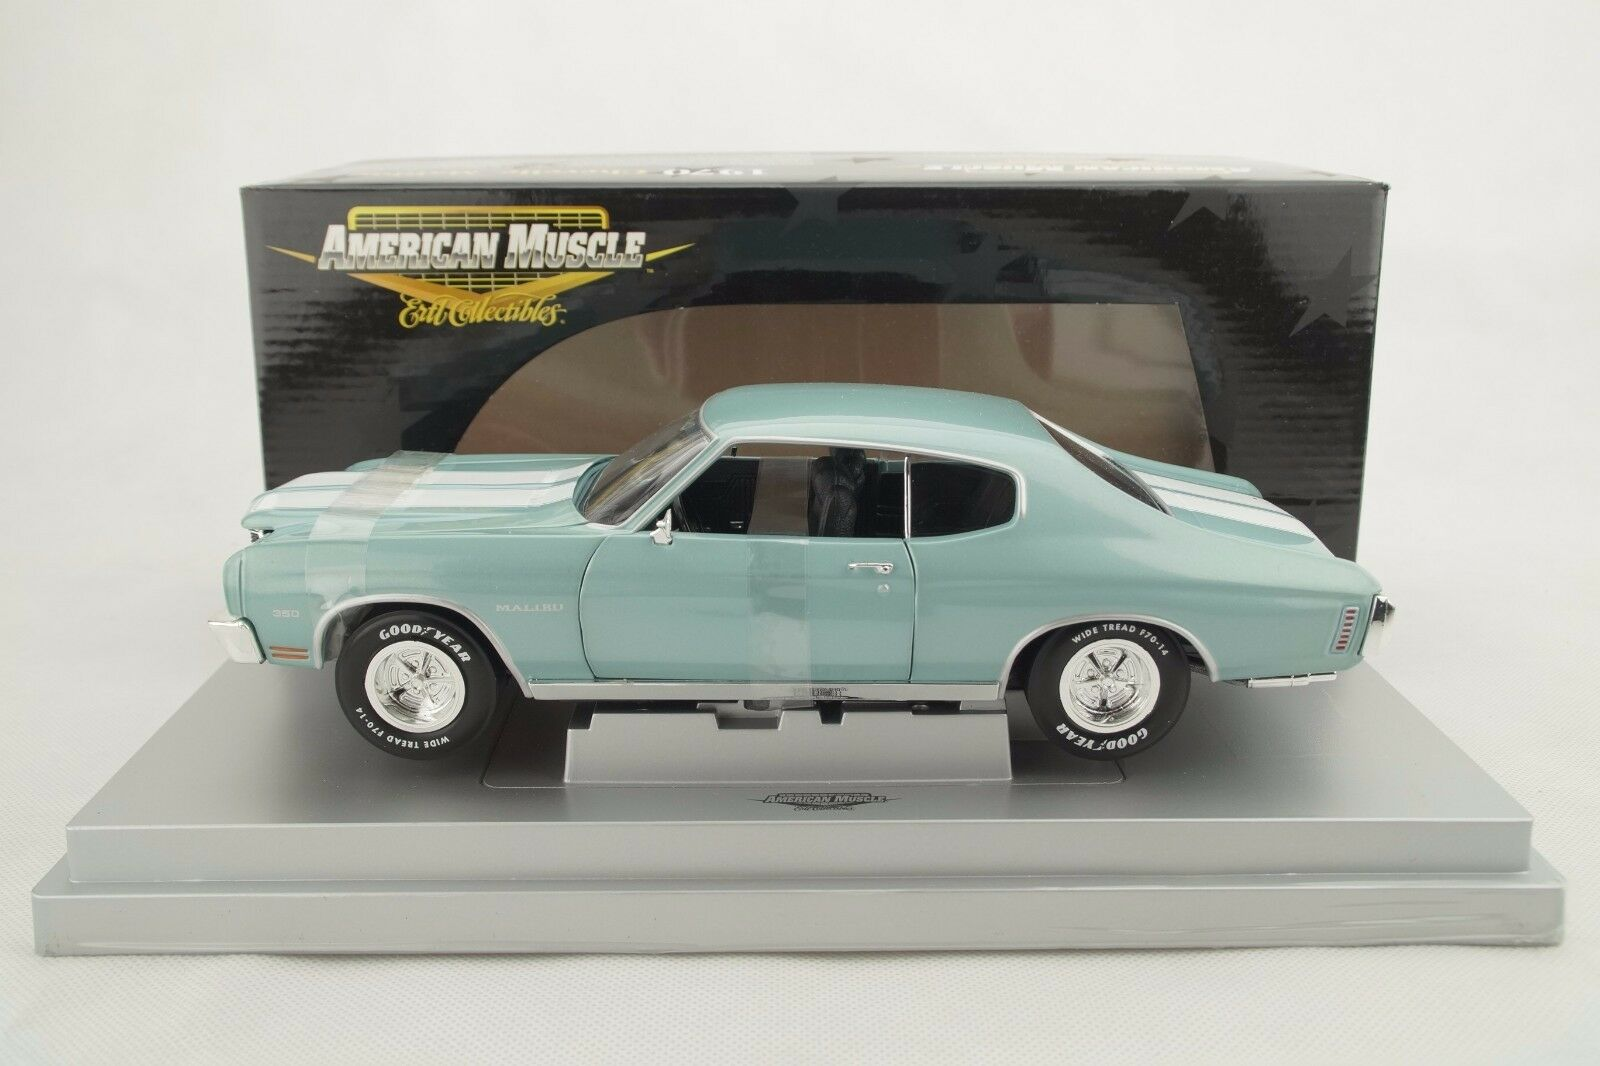 1 18 ERTL Elite - 1970 Chevelle Malibu Mint Green-Lmtd. Ed. - RARE-NEW OVP